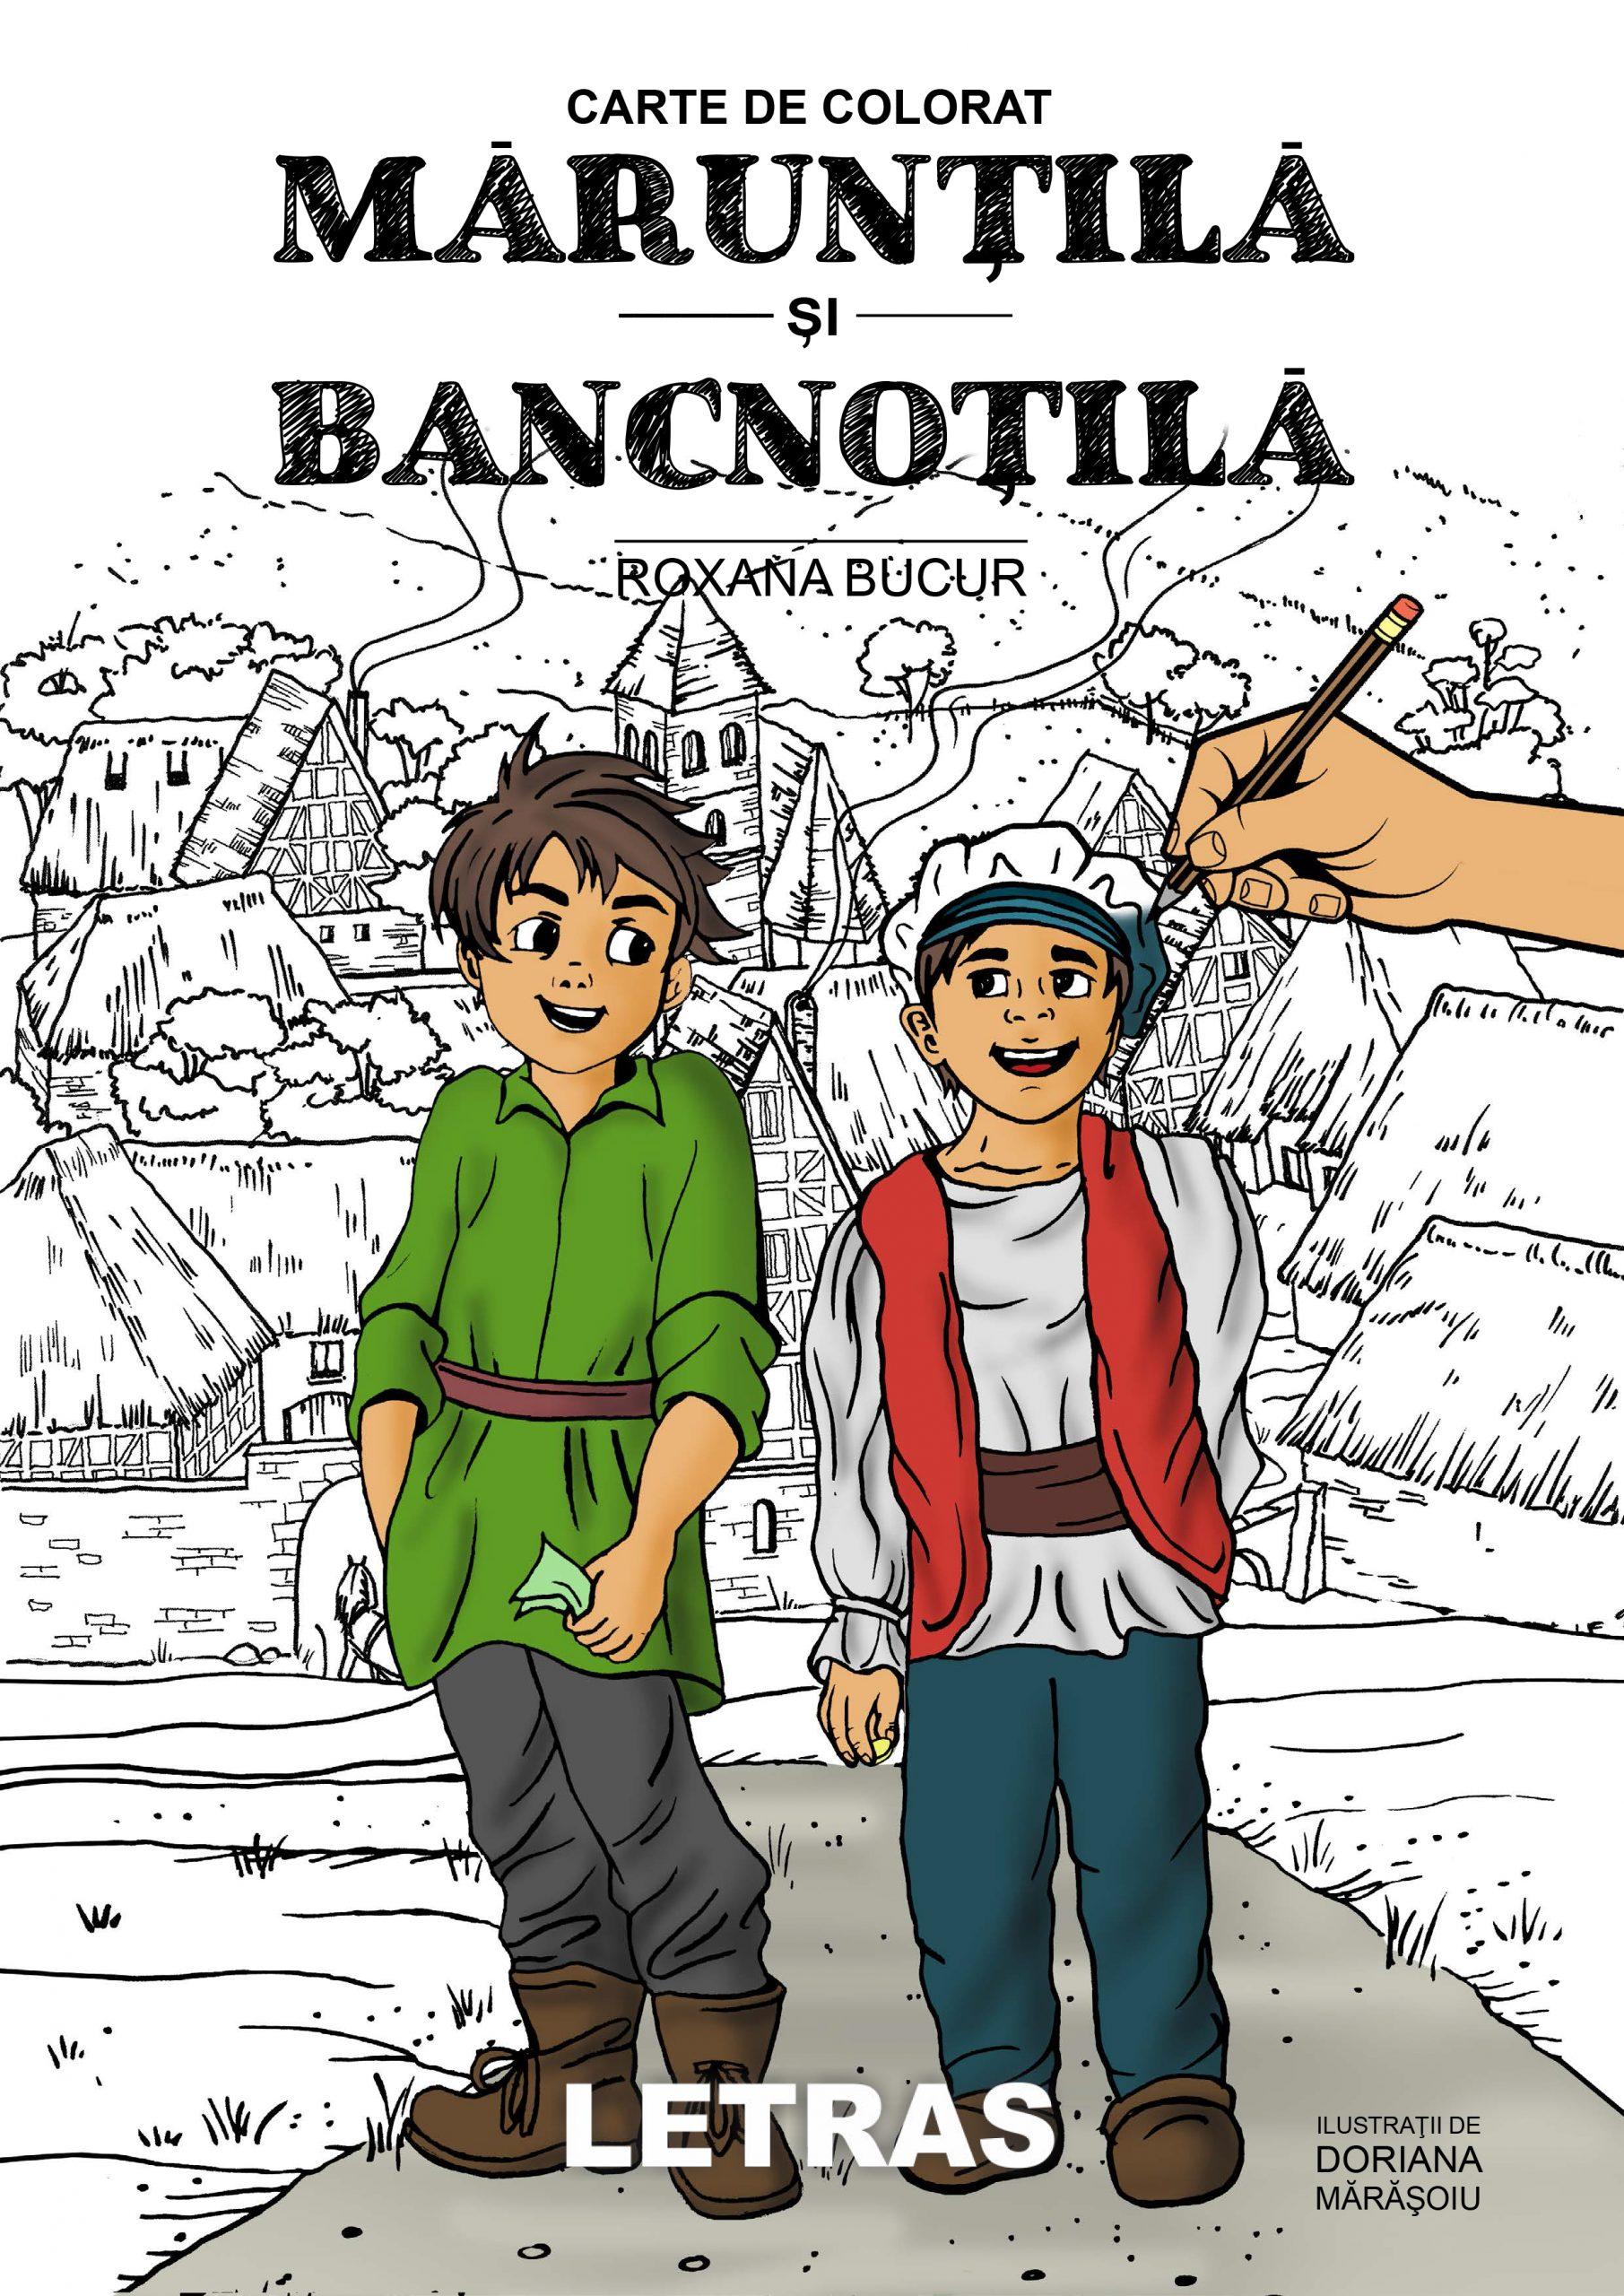 bucur-roxana_maruntila-si-bancnotila_carte-de-colorat_coperta-300-dpi-scaled